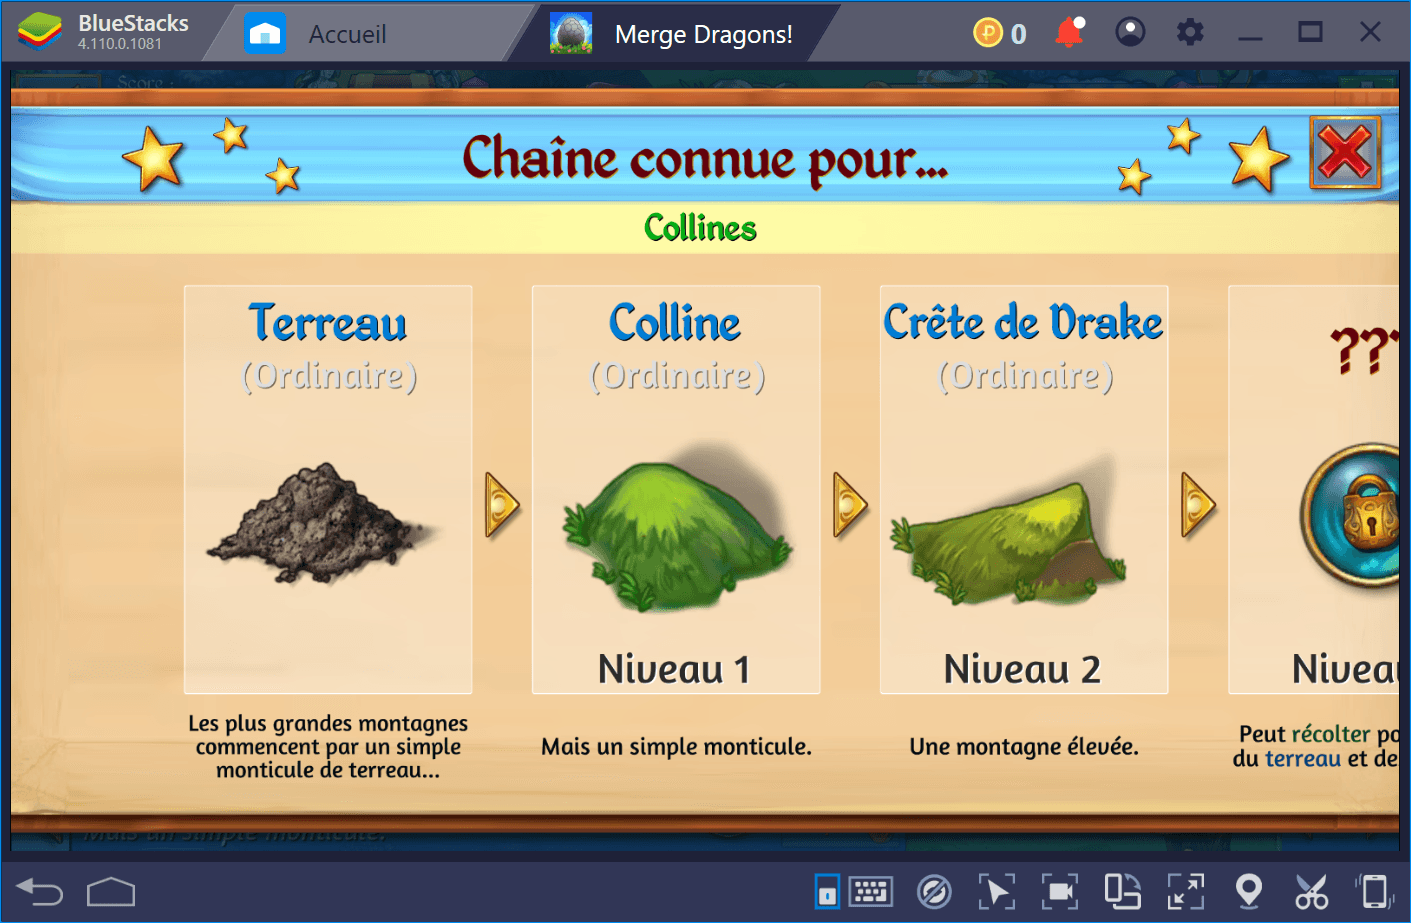 Les types de ressources dans Merge Dragons